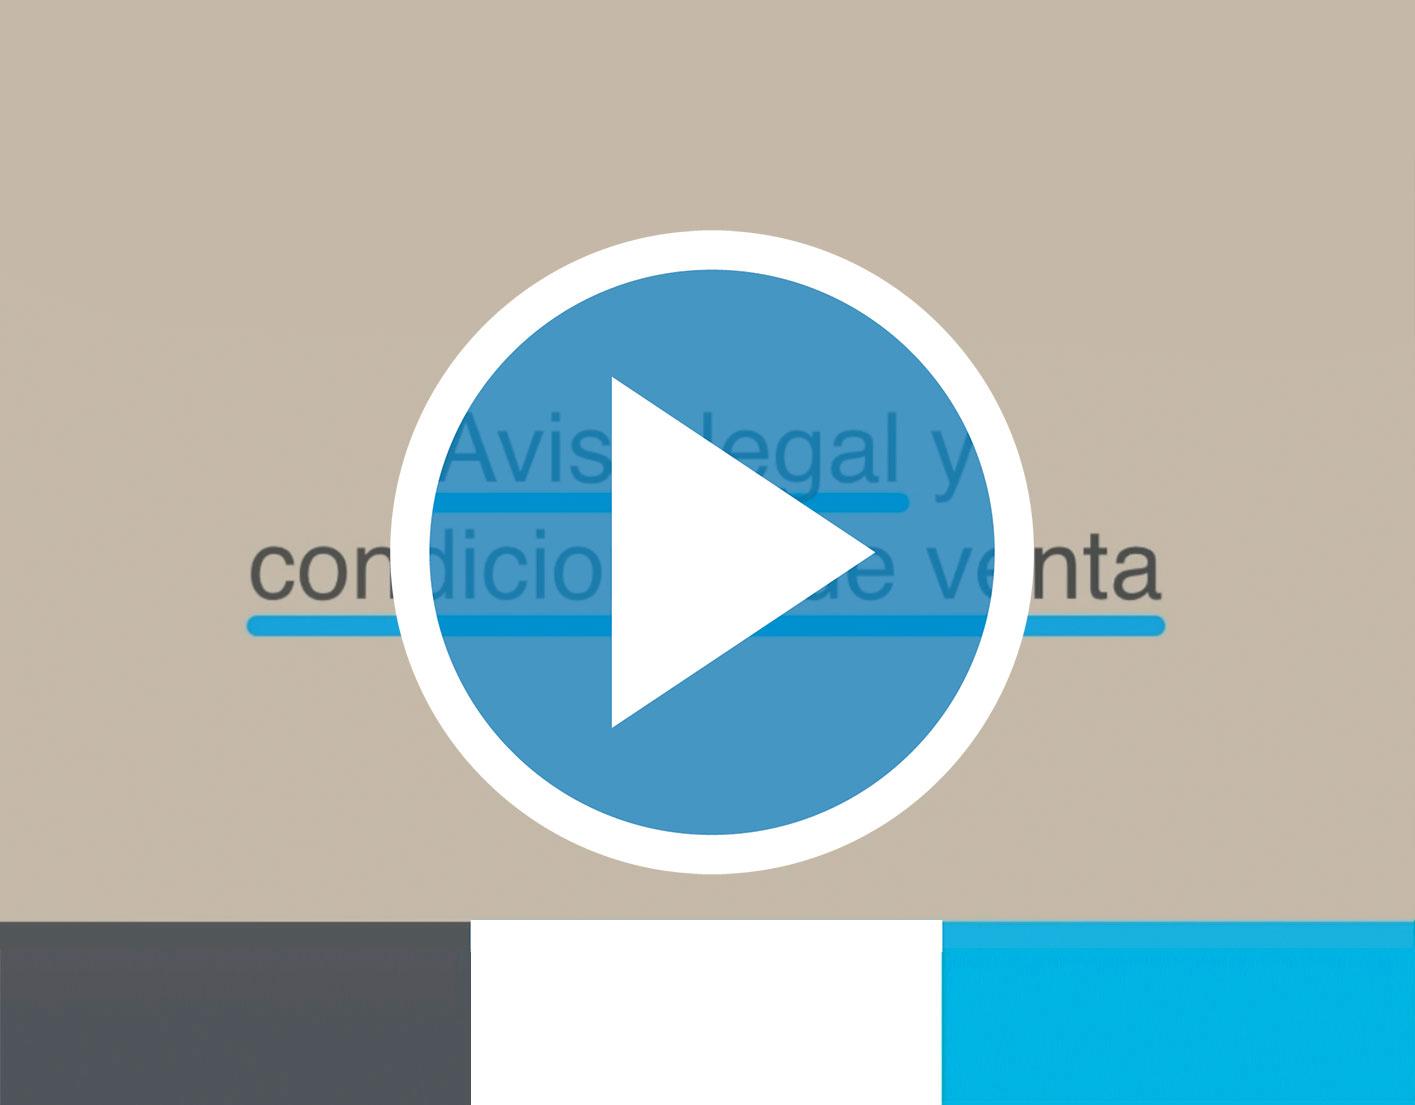 VIDEOPOST: Aviso Legal y Condiciones de venta